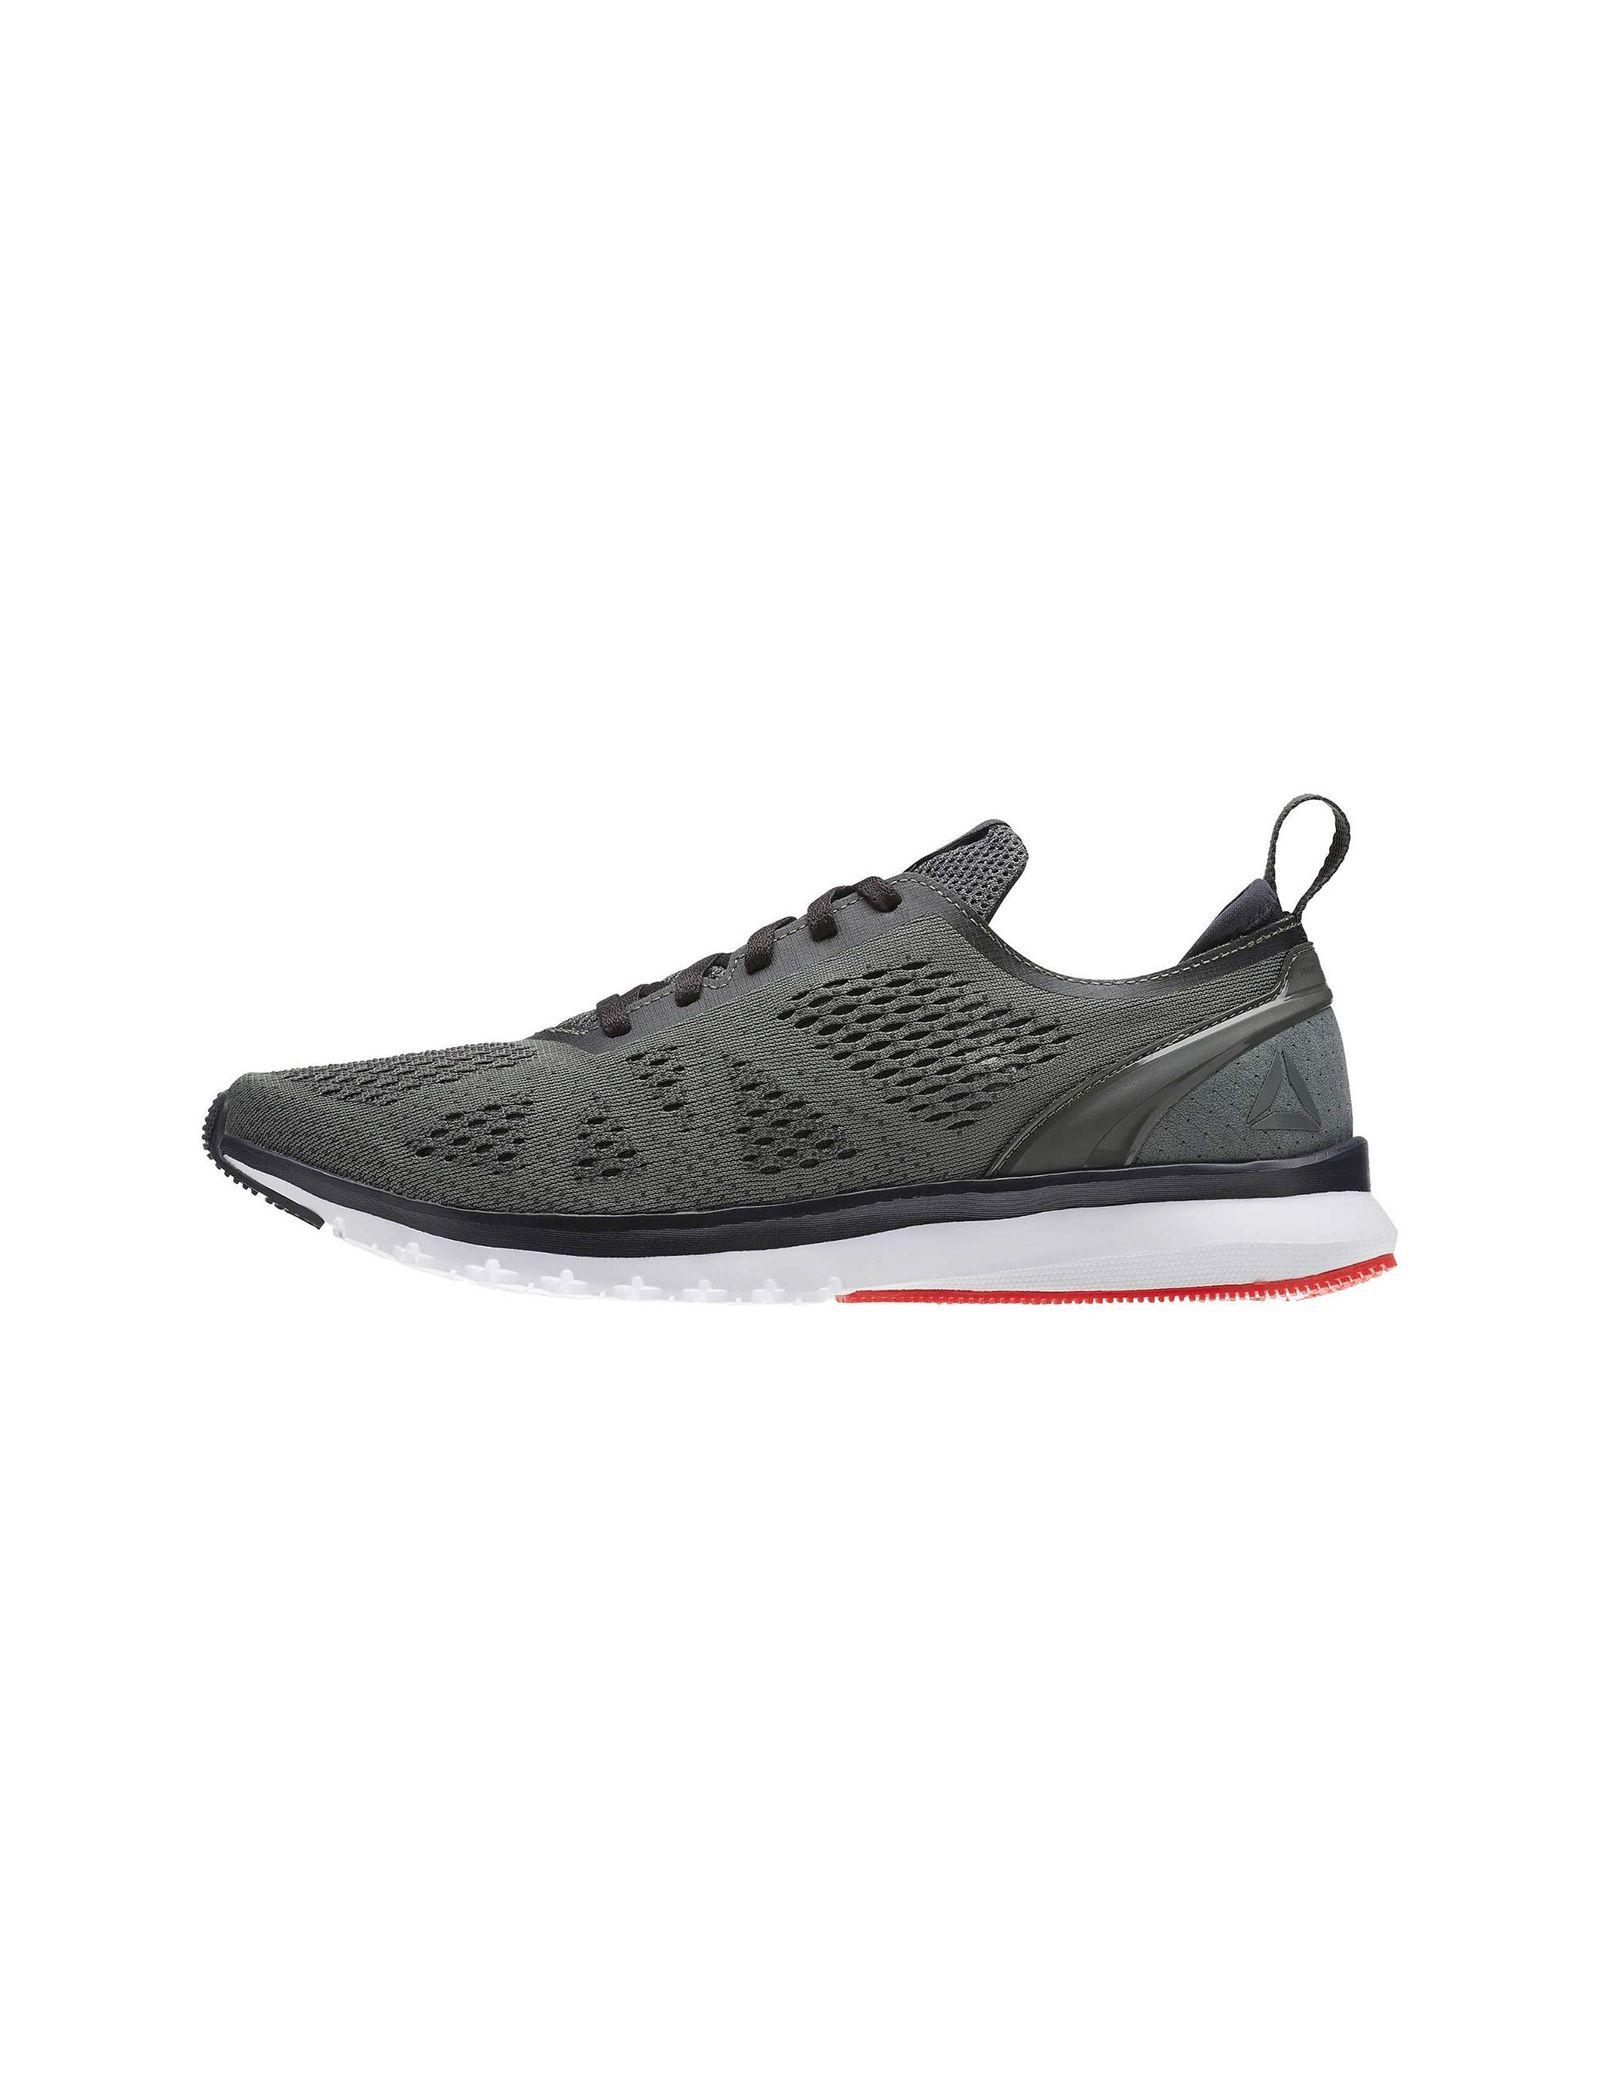 کفش دویدن بندی مردانه Smooth Clip Ultraknit - ریباک - طوسي - 3